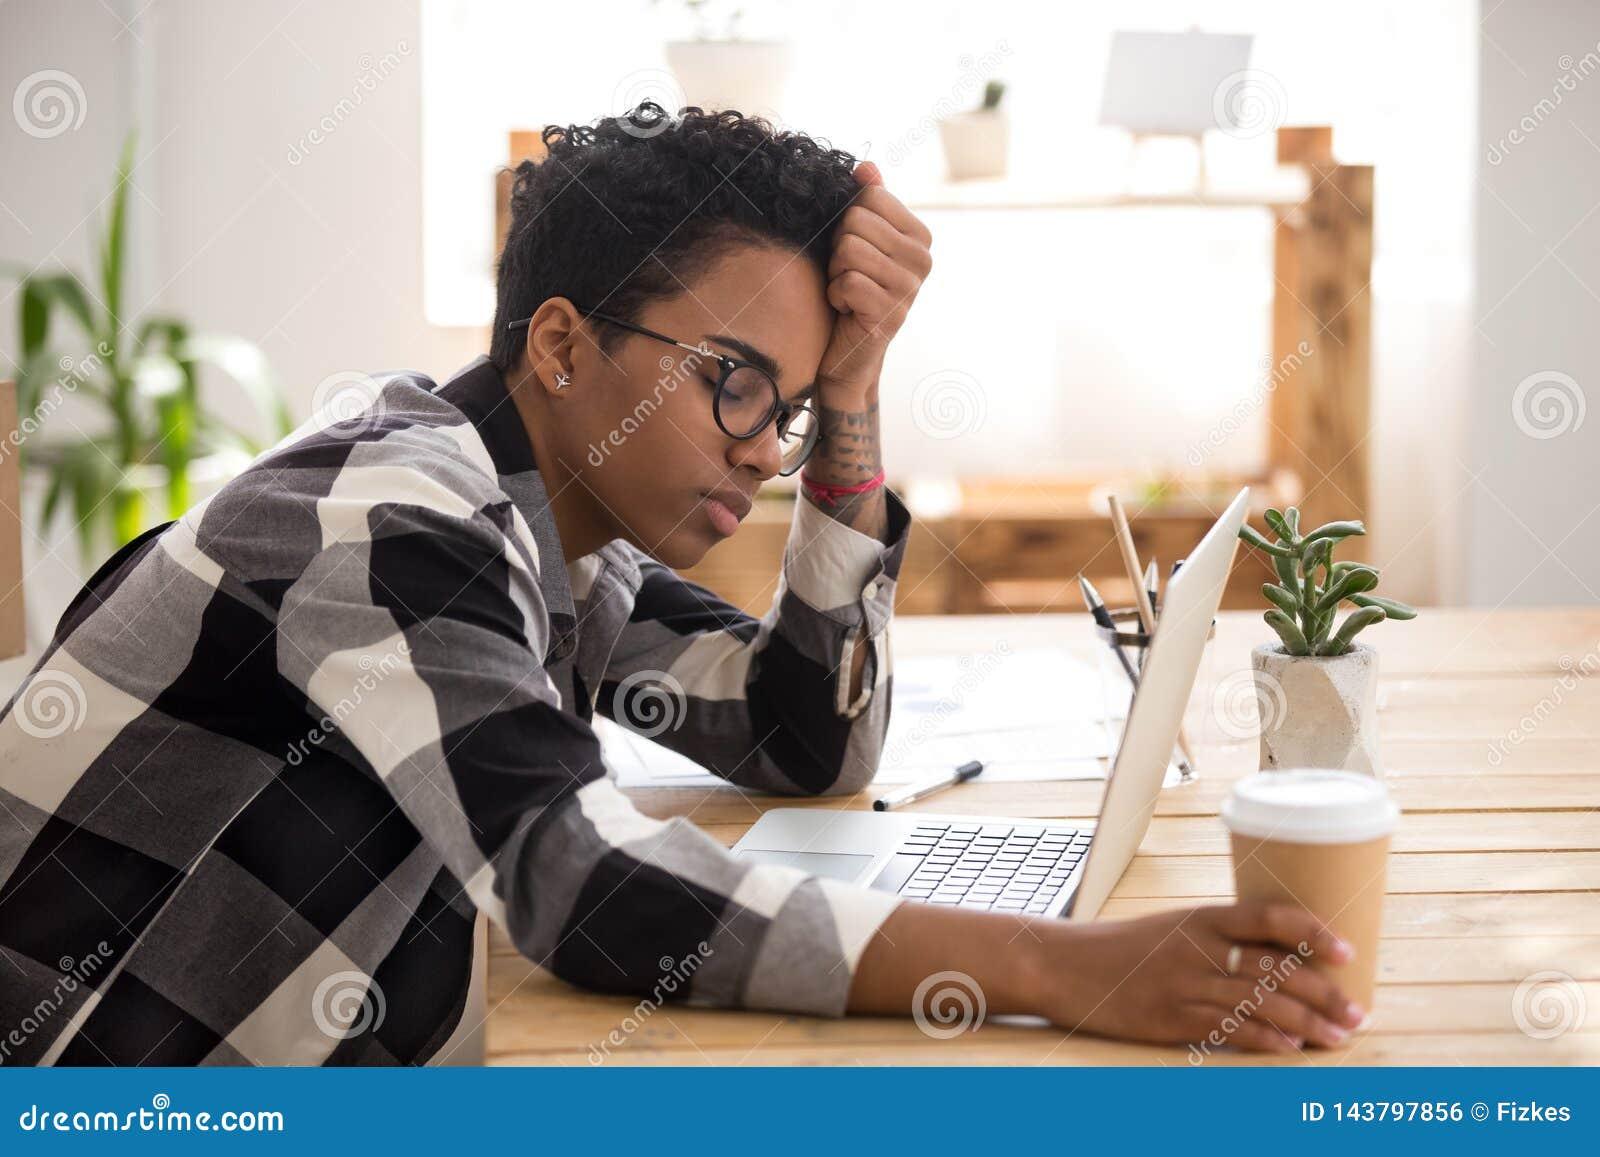 Африканская женщина сидя на столе на офисе и спать